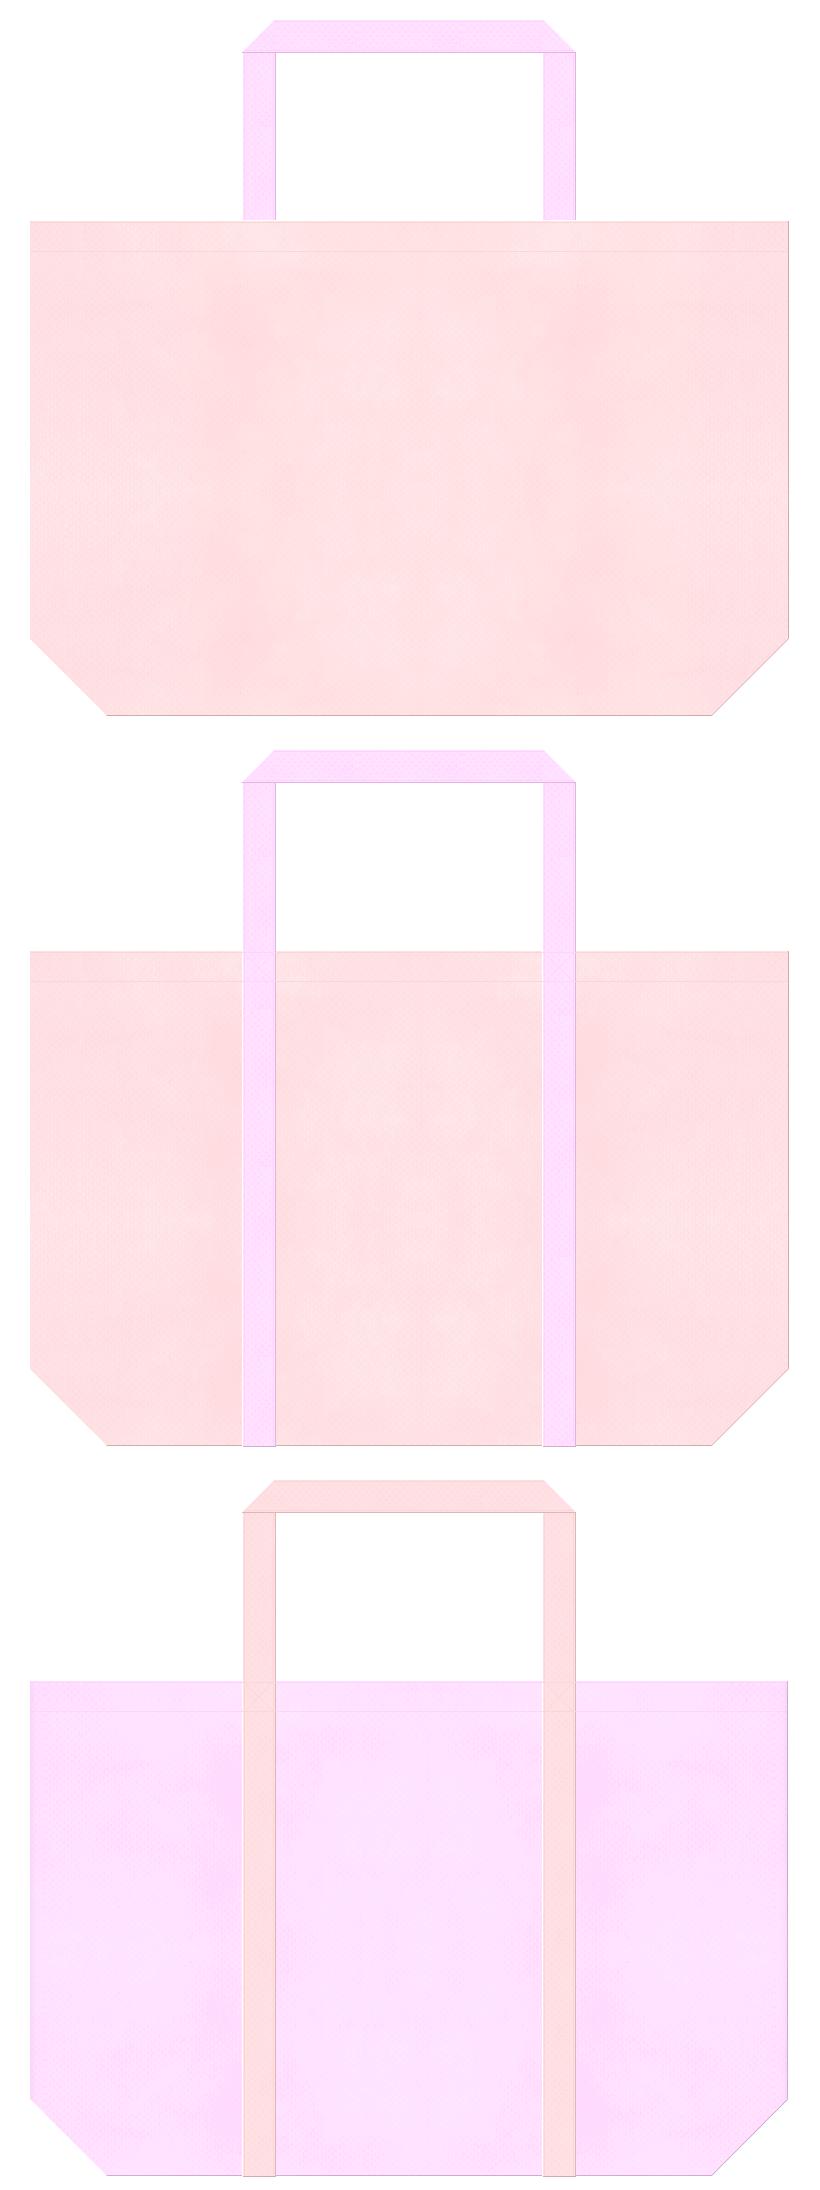 保育・福祉・介護・医療・入園・入学・桃・浴衣・ドリーム・パジャマ・インテリア・寝具・パステルカラー・ガーリーデザインにお奨めの不織布バッグデザイン:桜色と明るいピンク色のコーデ